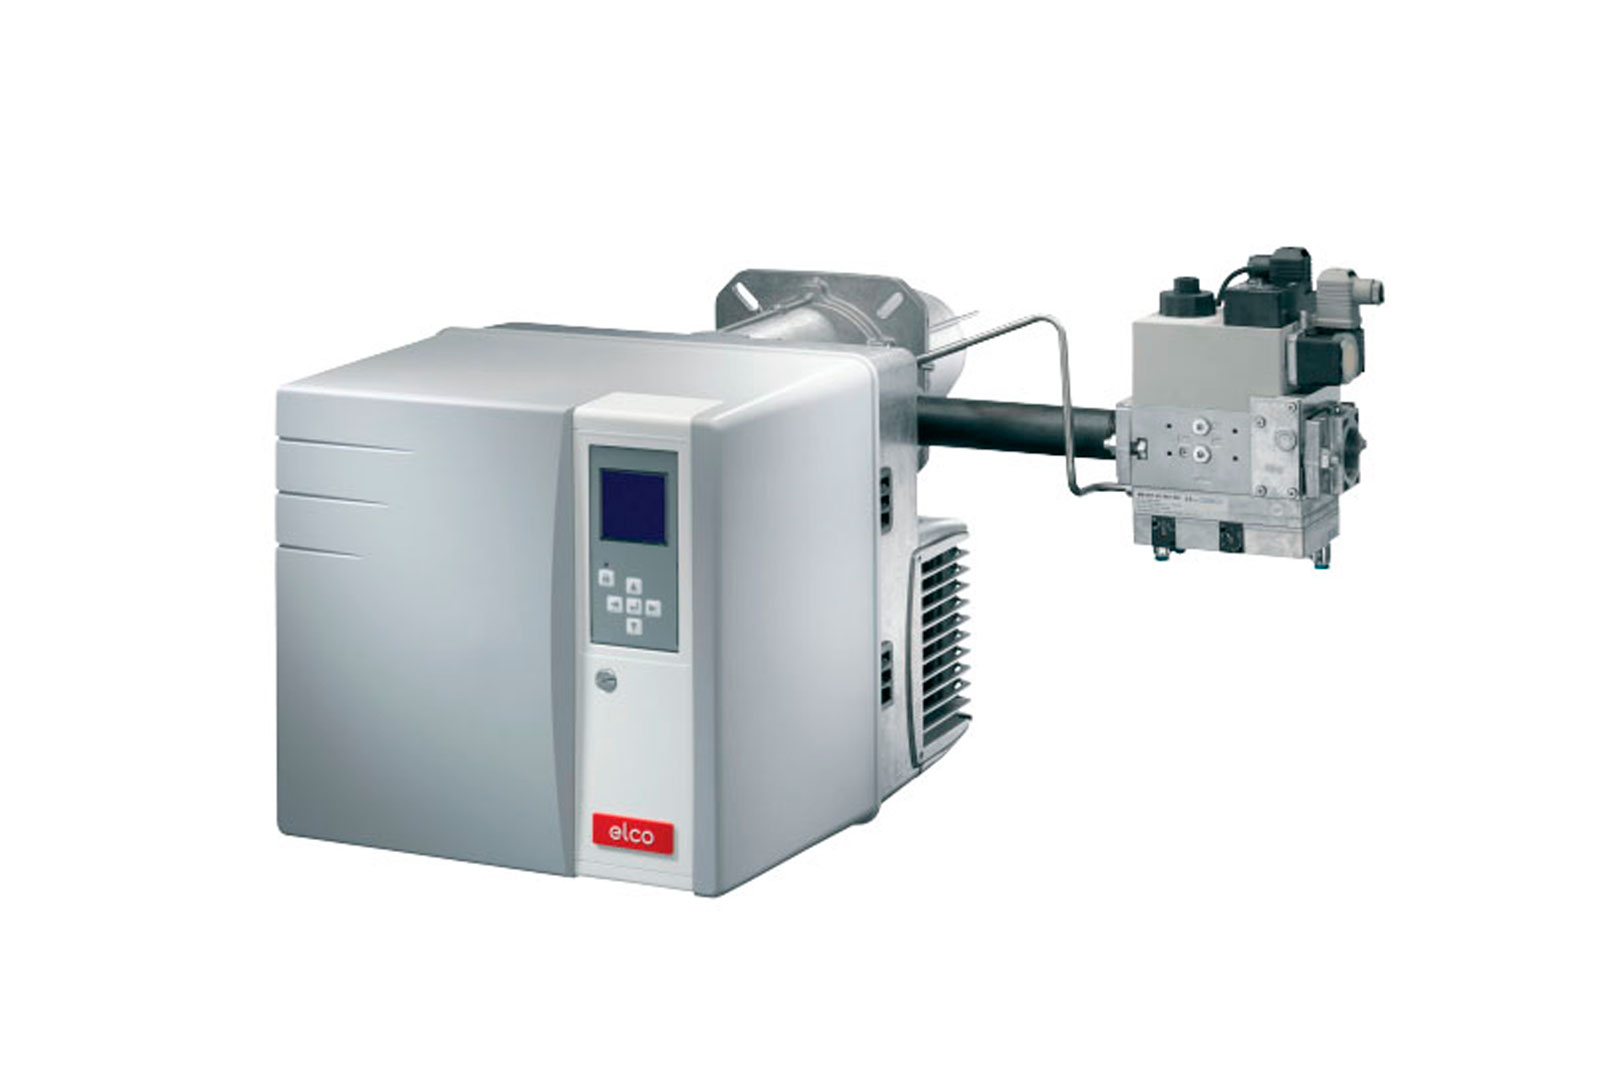 quemador-elco-monoblock-vectron-Quemadores-monobloque-de-14,5-kw-a-2.080kw-flamax-eficiencia-energetica-ppal